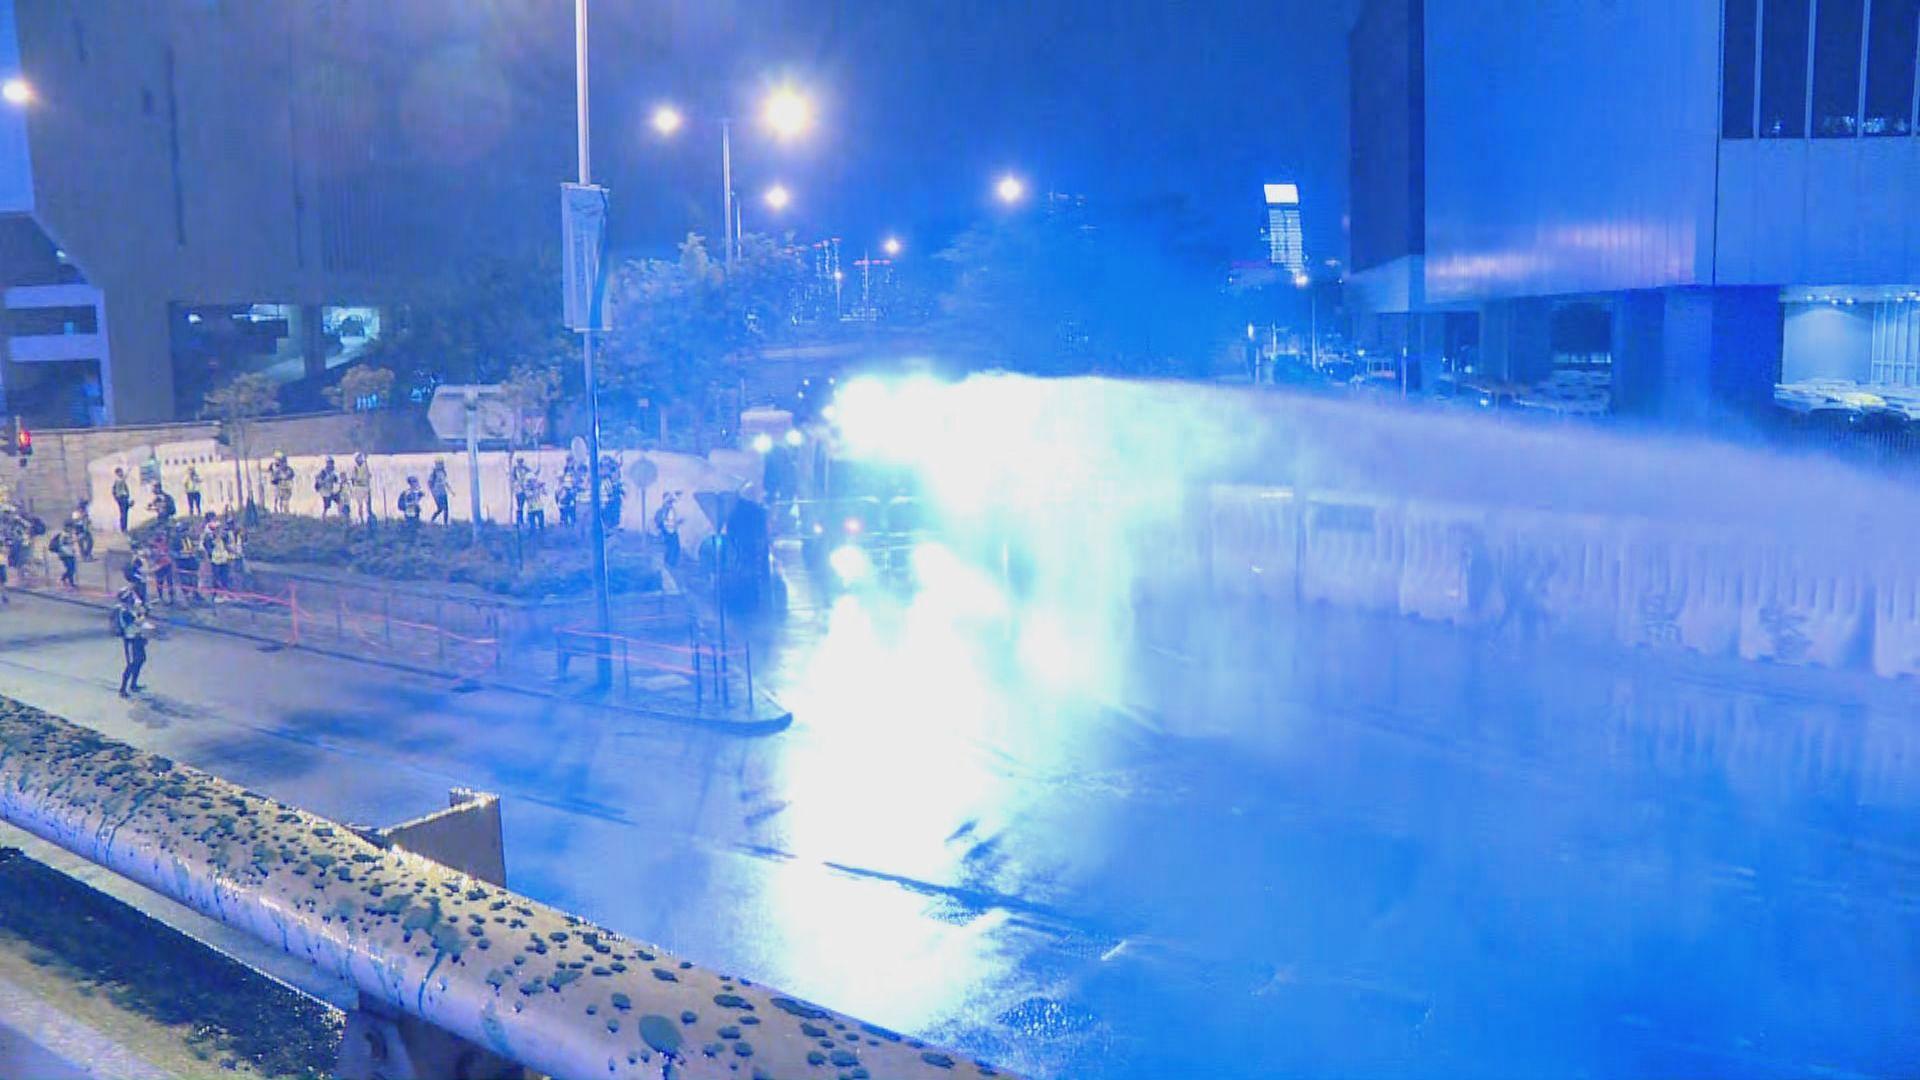 示威者於夏慤道堵路 警方出動水炮車驅散